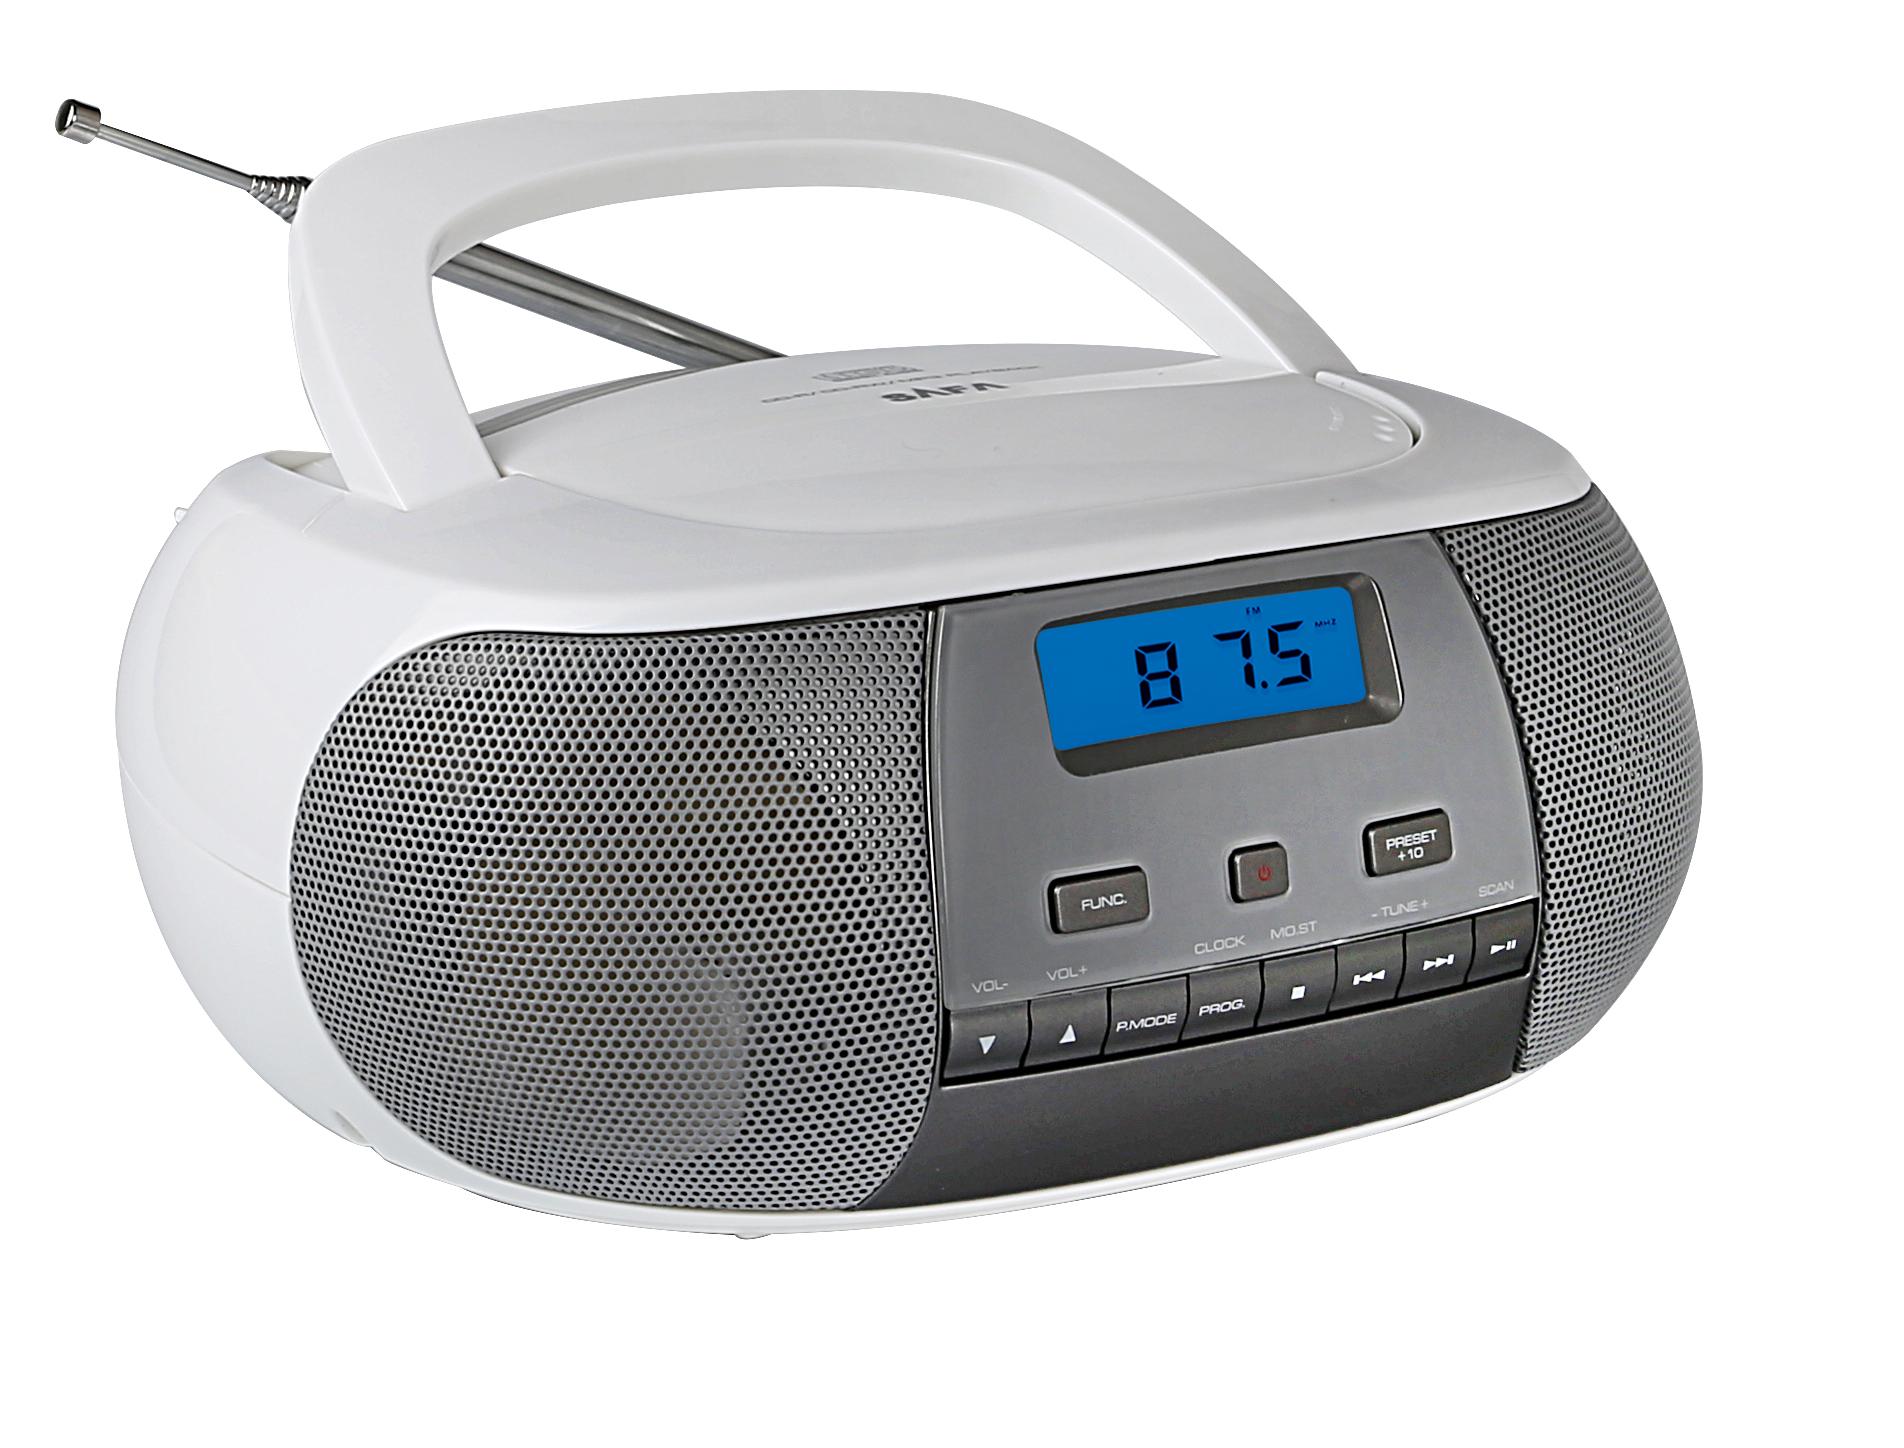 מגניב ביותר מערכת שמע ניידת CD-21 | SAFA ישראל DK-36